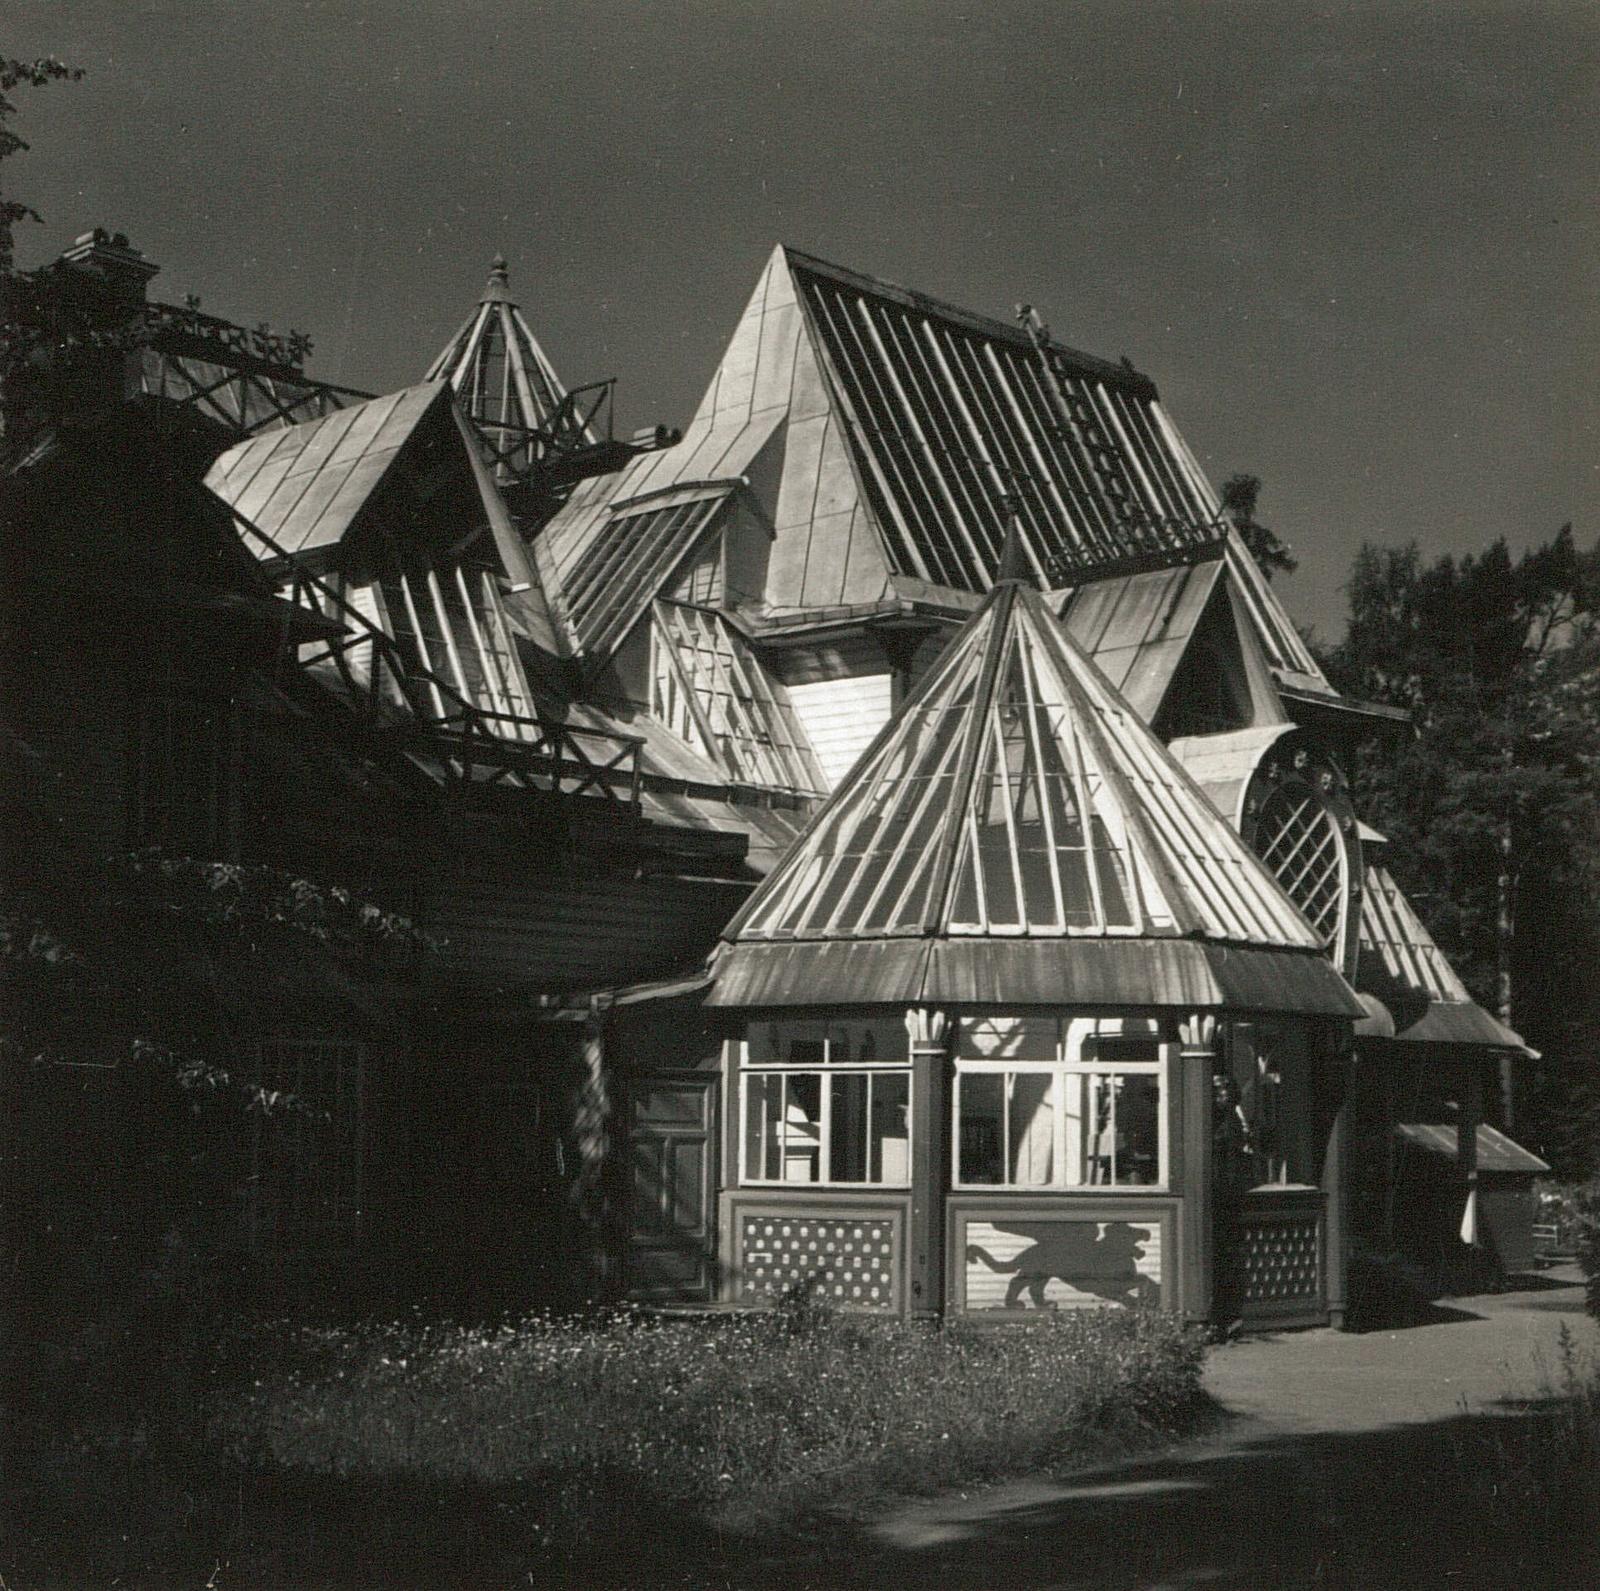 Репино (ранее Куоккала в Финляндии). 1969